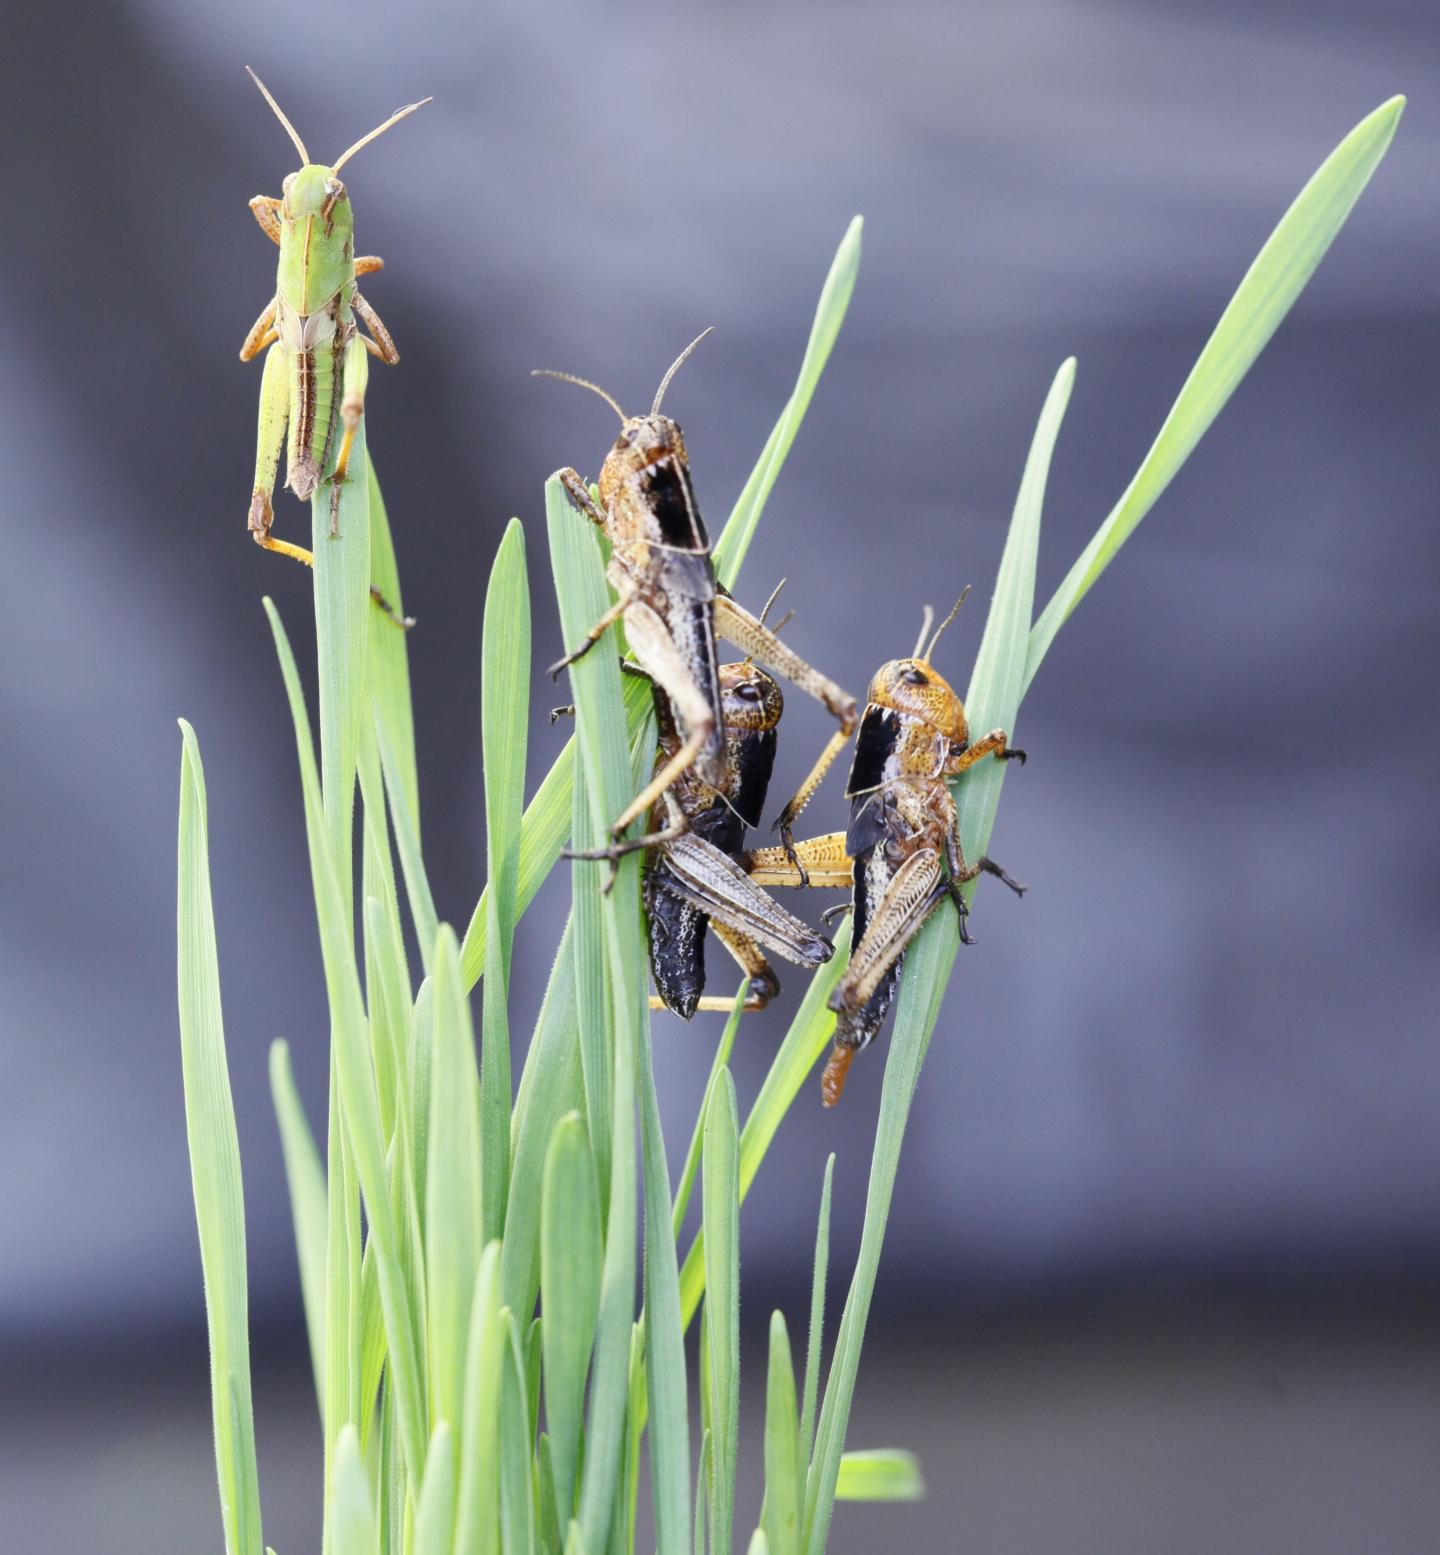 La langosta migratoria (Locusta migratoria) cambia de color si se encuentra en grupo. Crédito: Yang, Wang, Liu et al., eLife, 2019